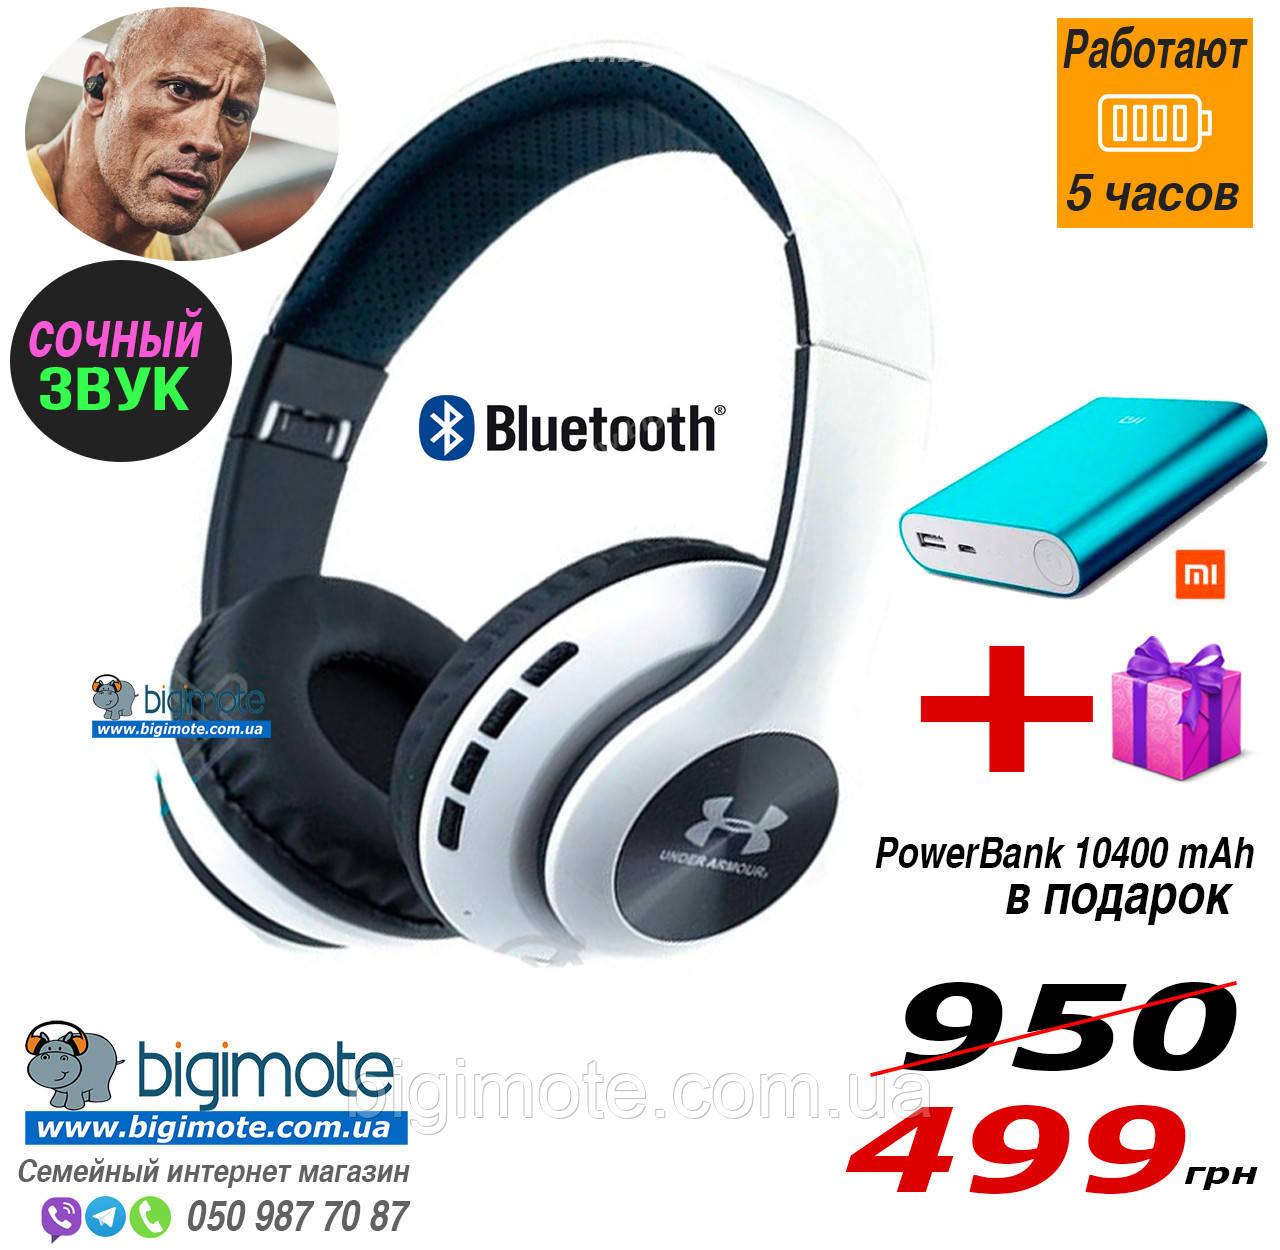 Качественные беспроводные Bluetooth наушники, Under Armour style,без проводов наушники, блютуз наушники UA-67